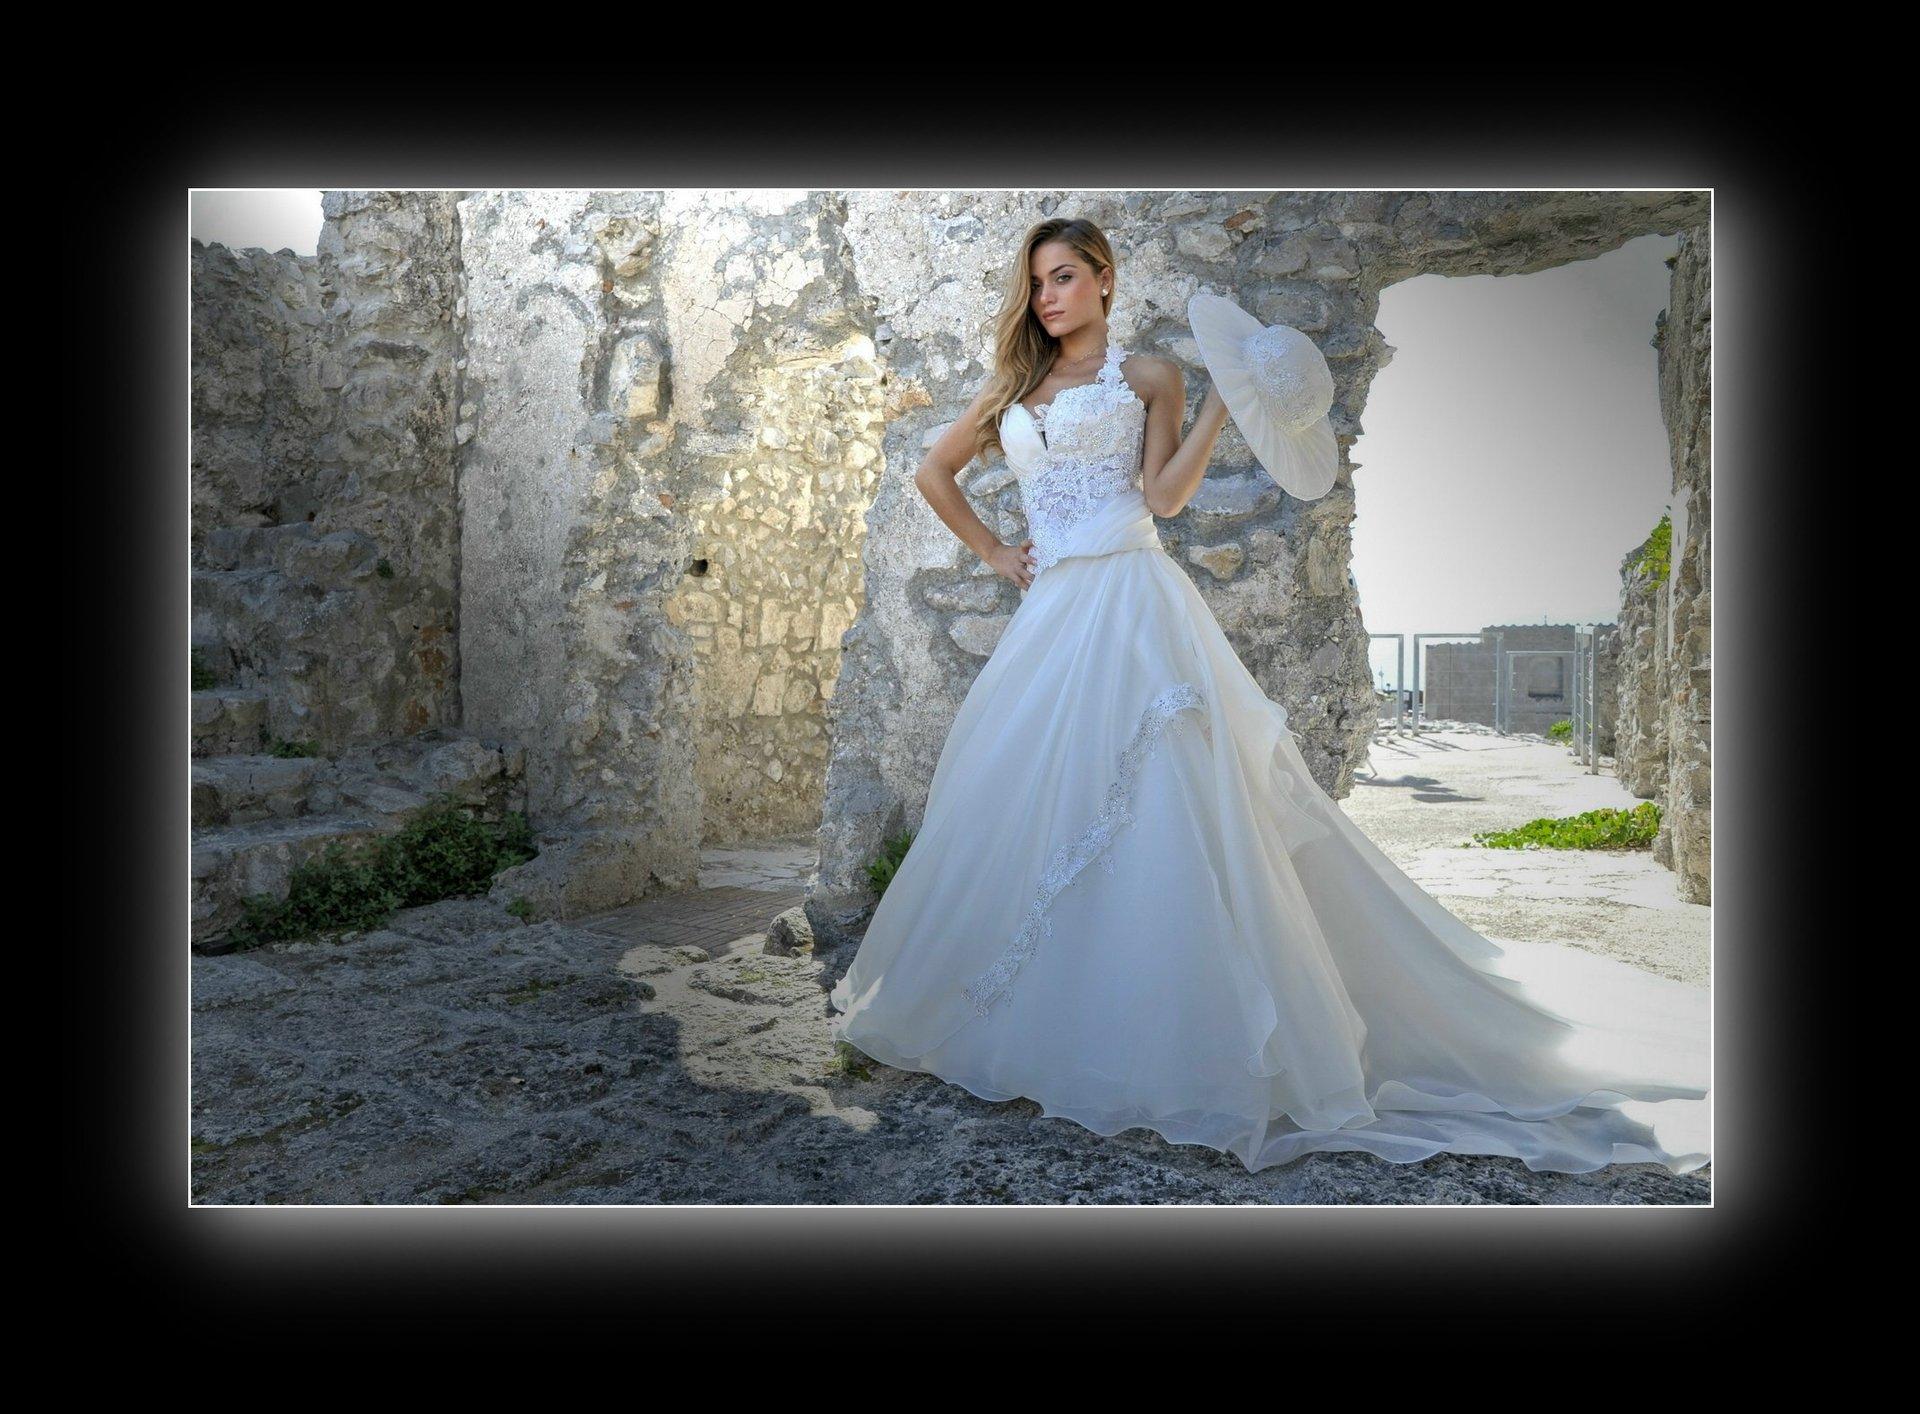 una ragazza in posa vestita da sposa e con cappello